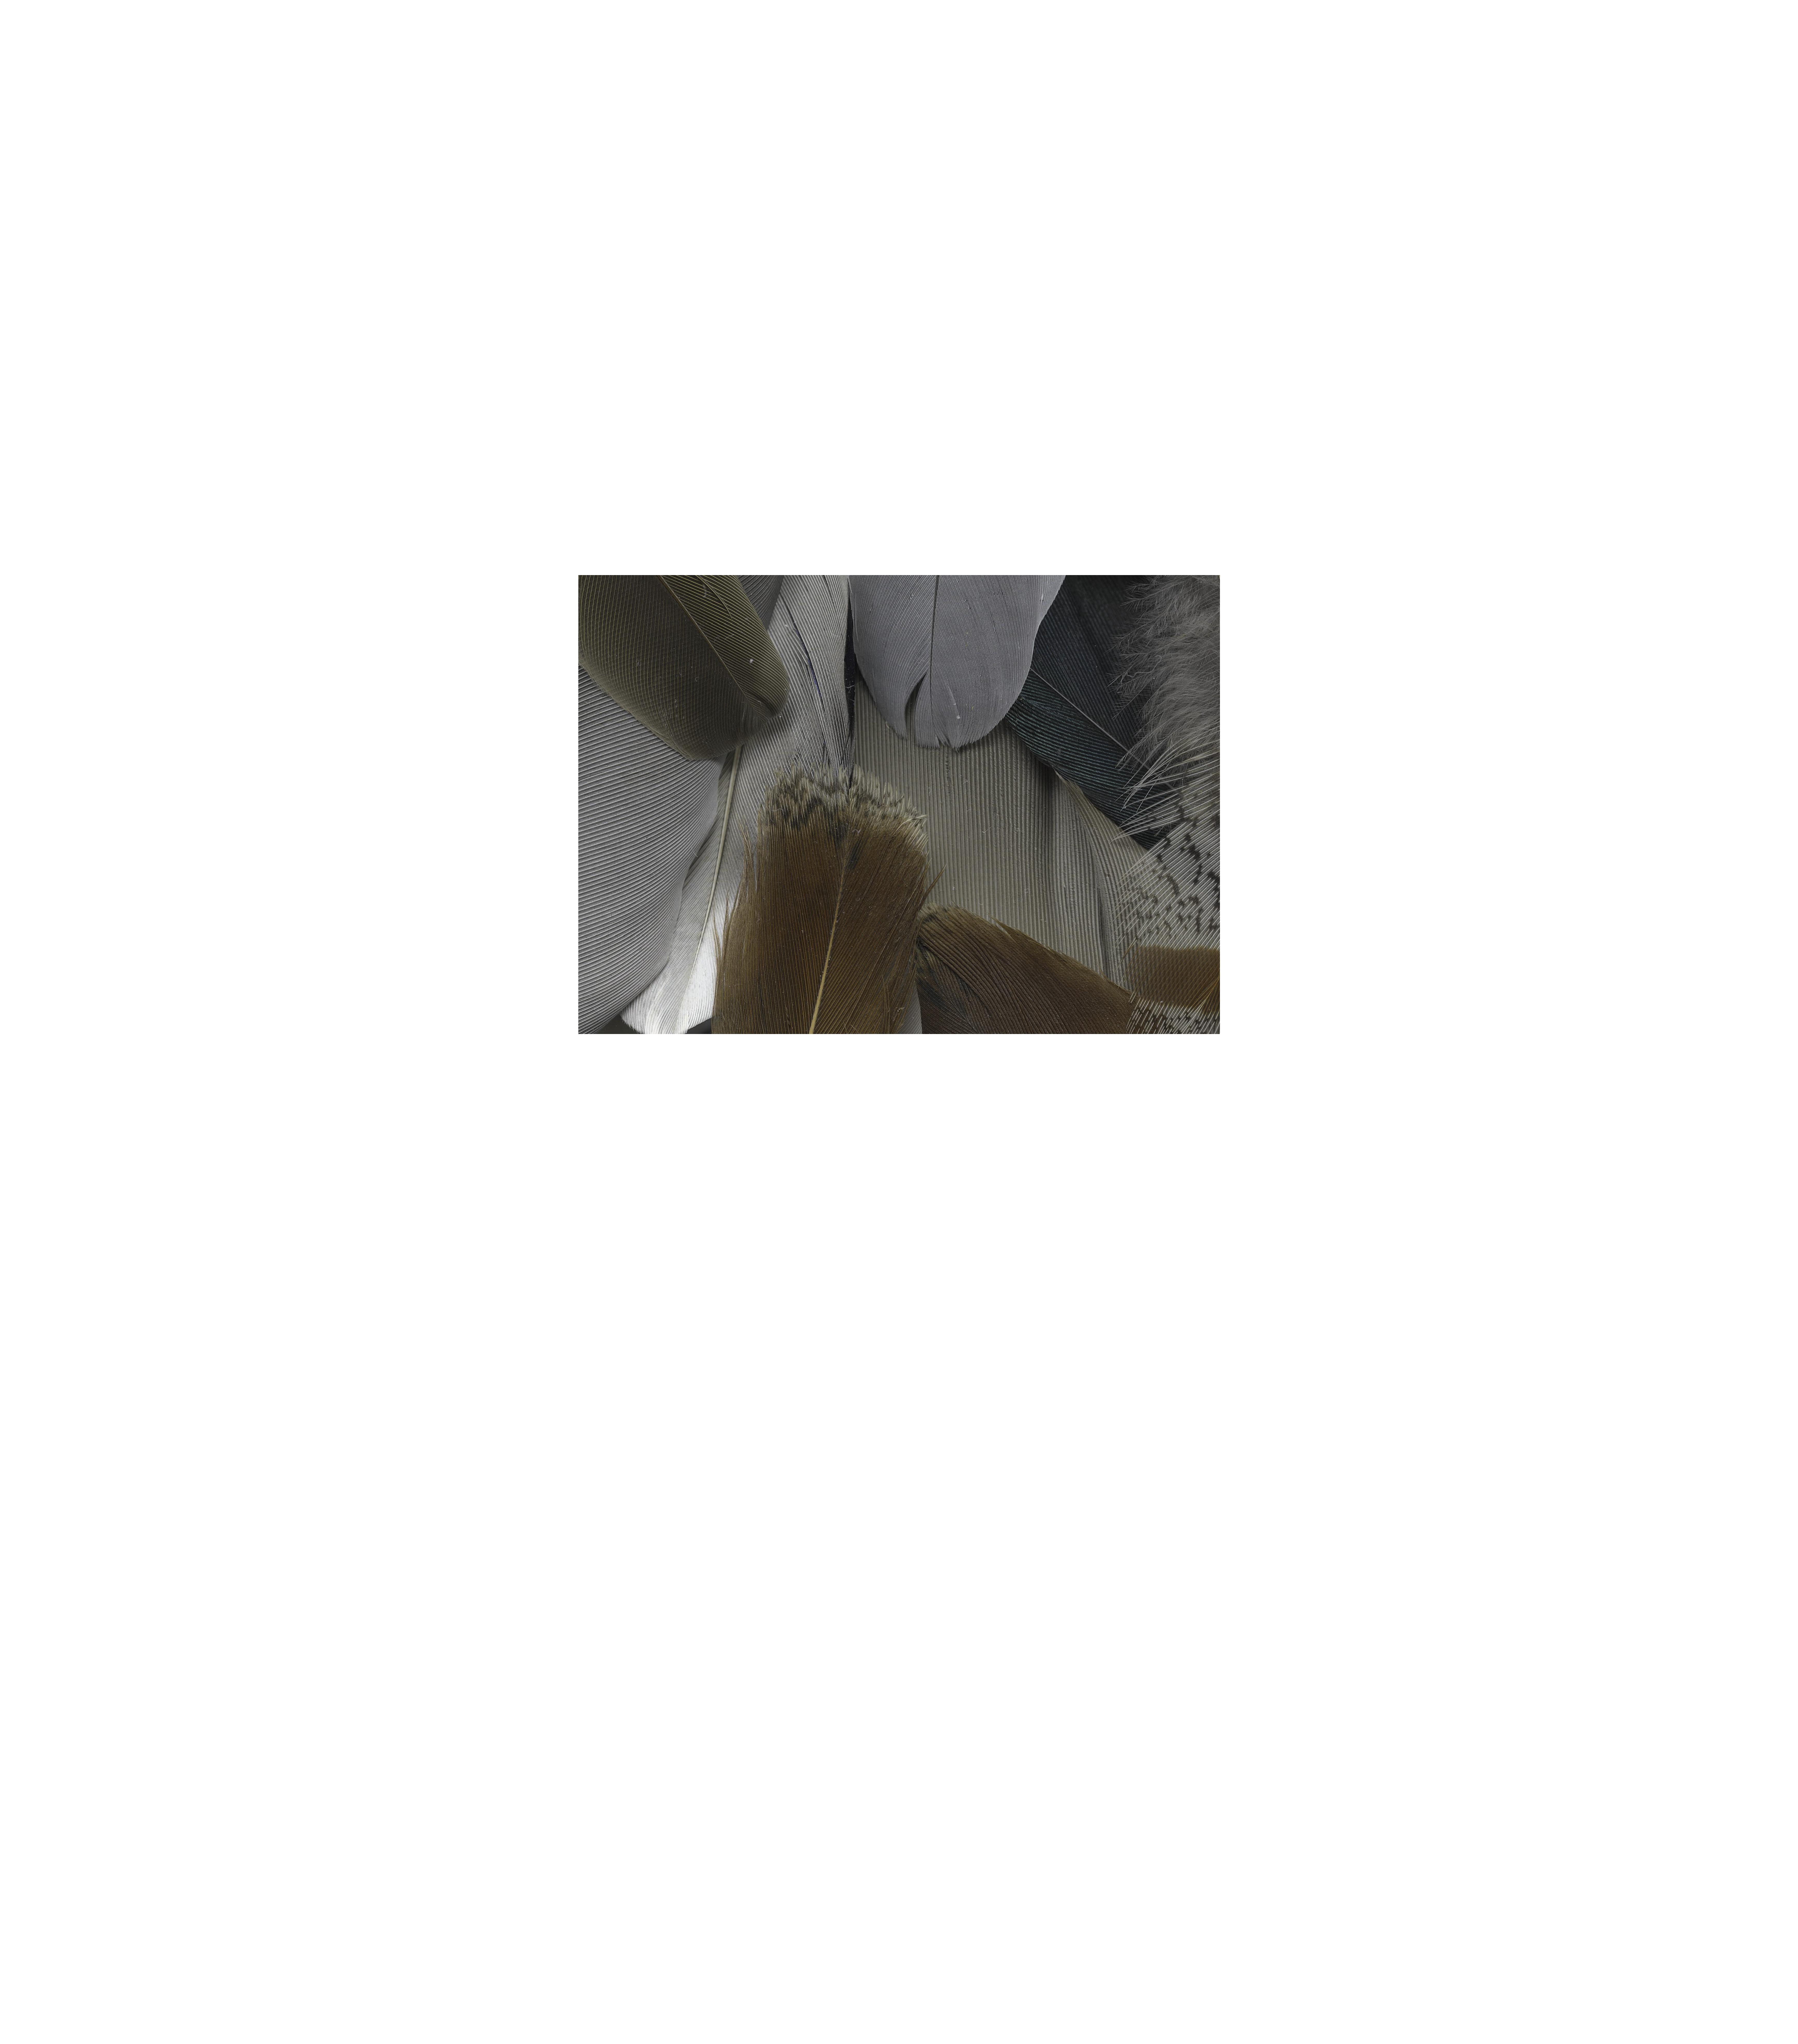 5026489c41bea17604e20854b95f3f0e original